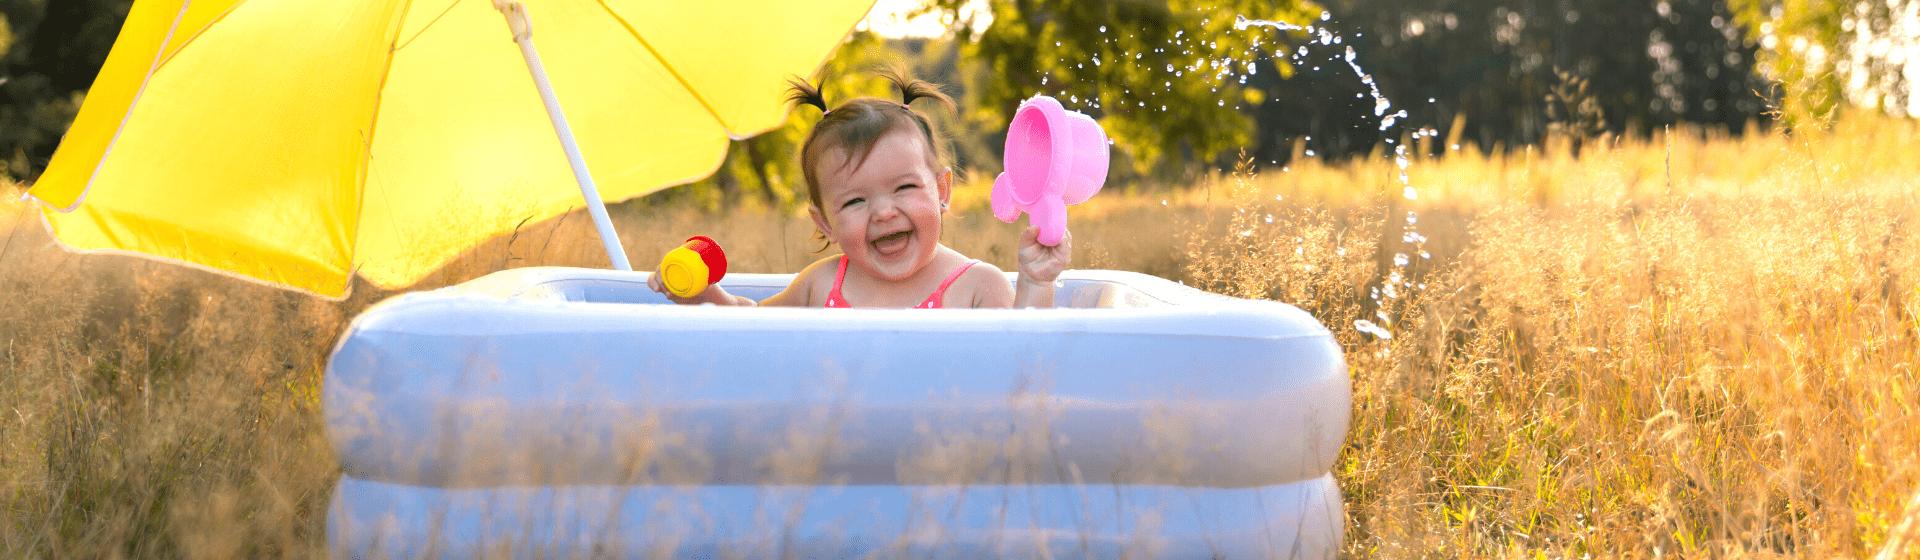 Melhores piscinas infantis de 2021: 7 modelos para comprar